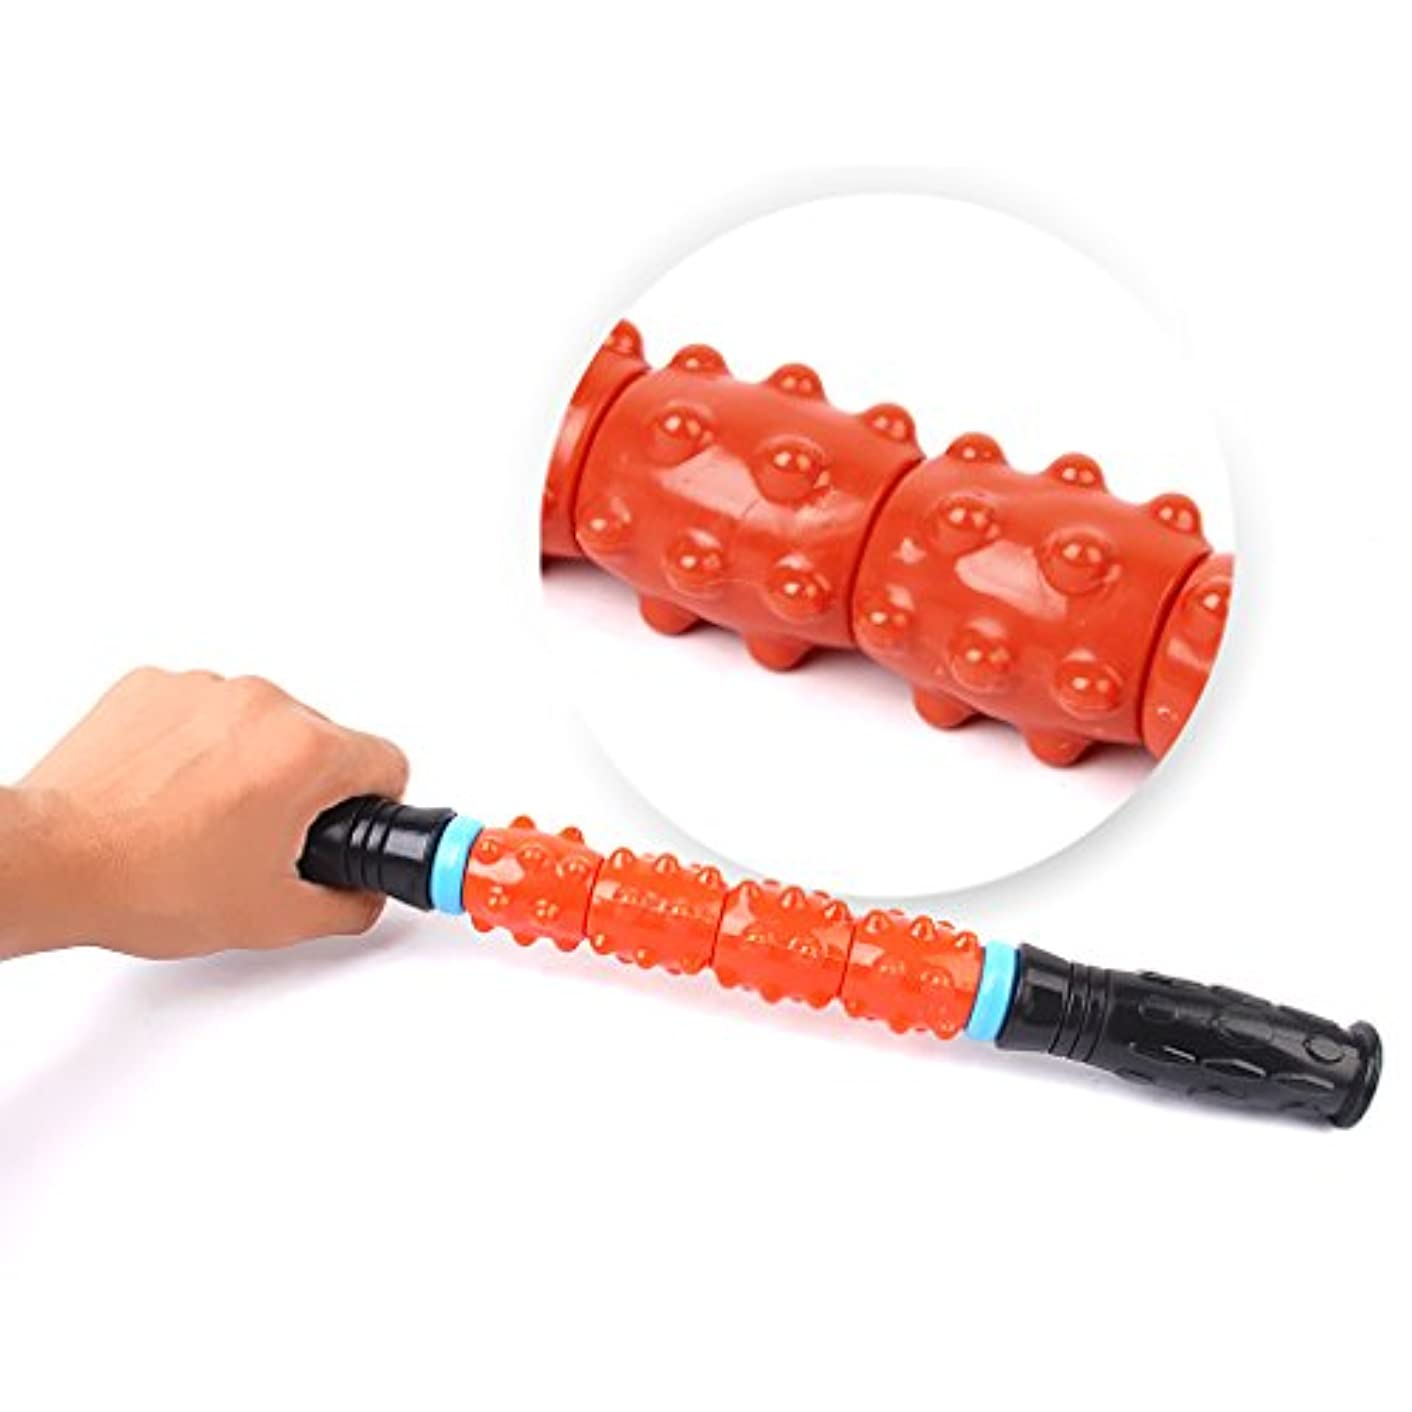 容赦ない変更可能引き算マッサージボール 手のひら 足首 すね 腕 背中 マッサージ 筋肉緊張和らげ 血液循環を促進 6cm